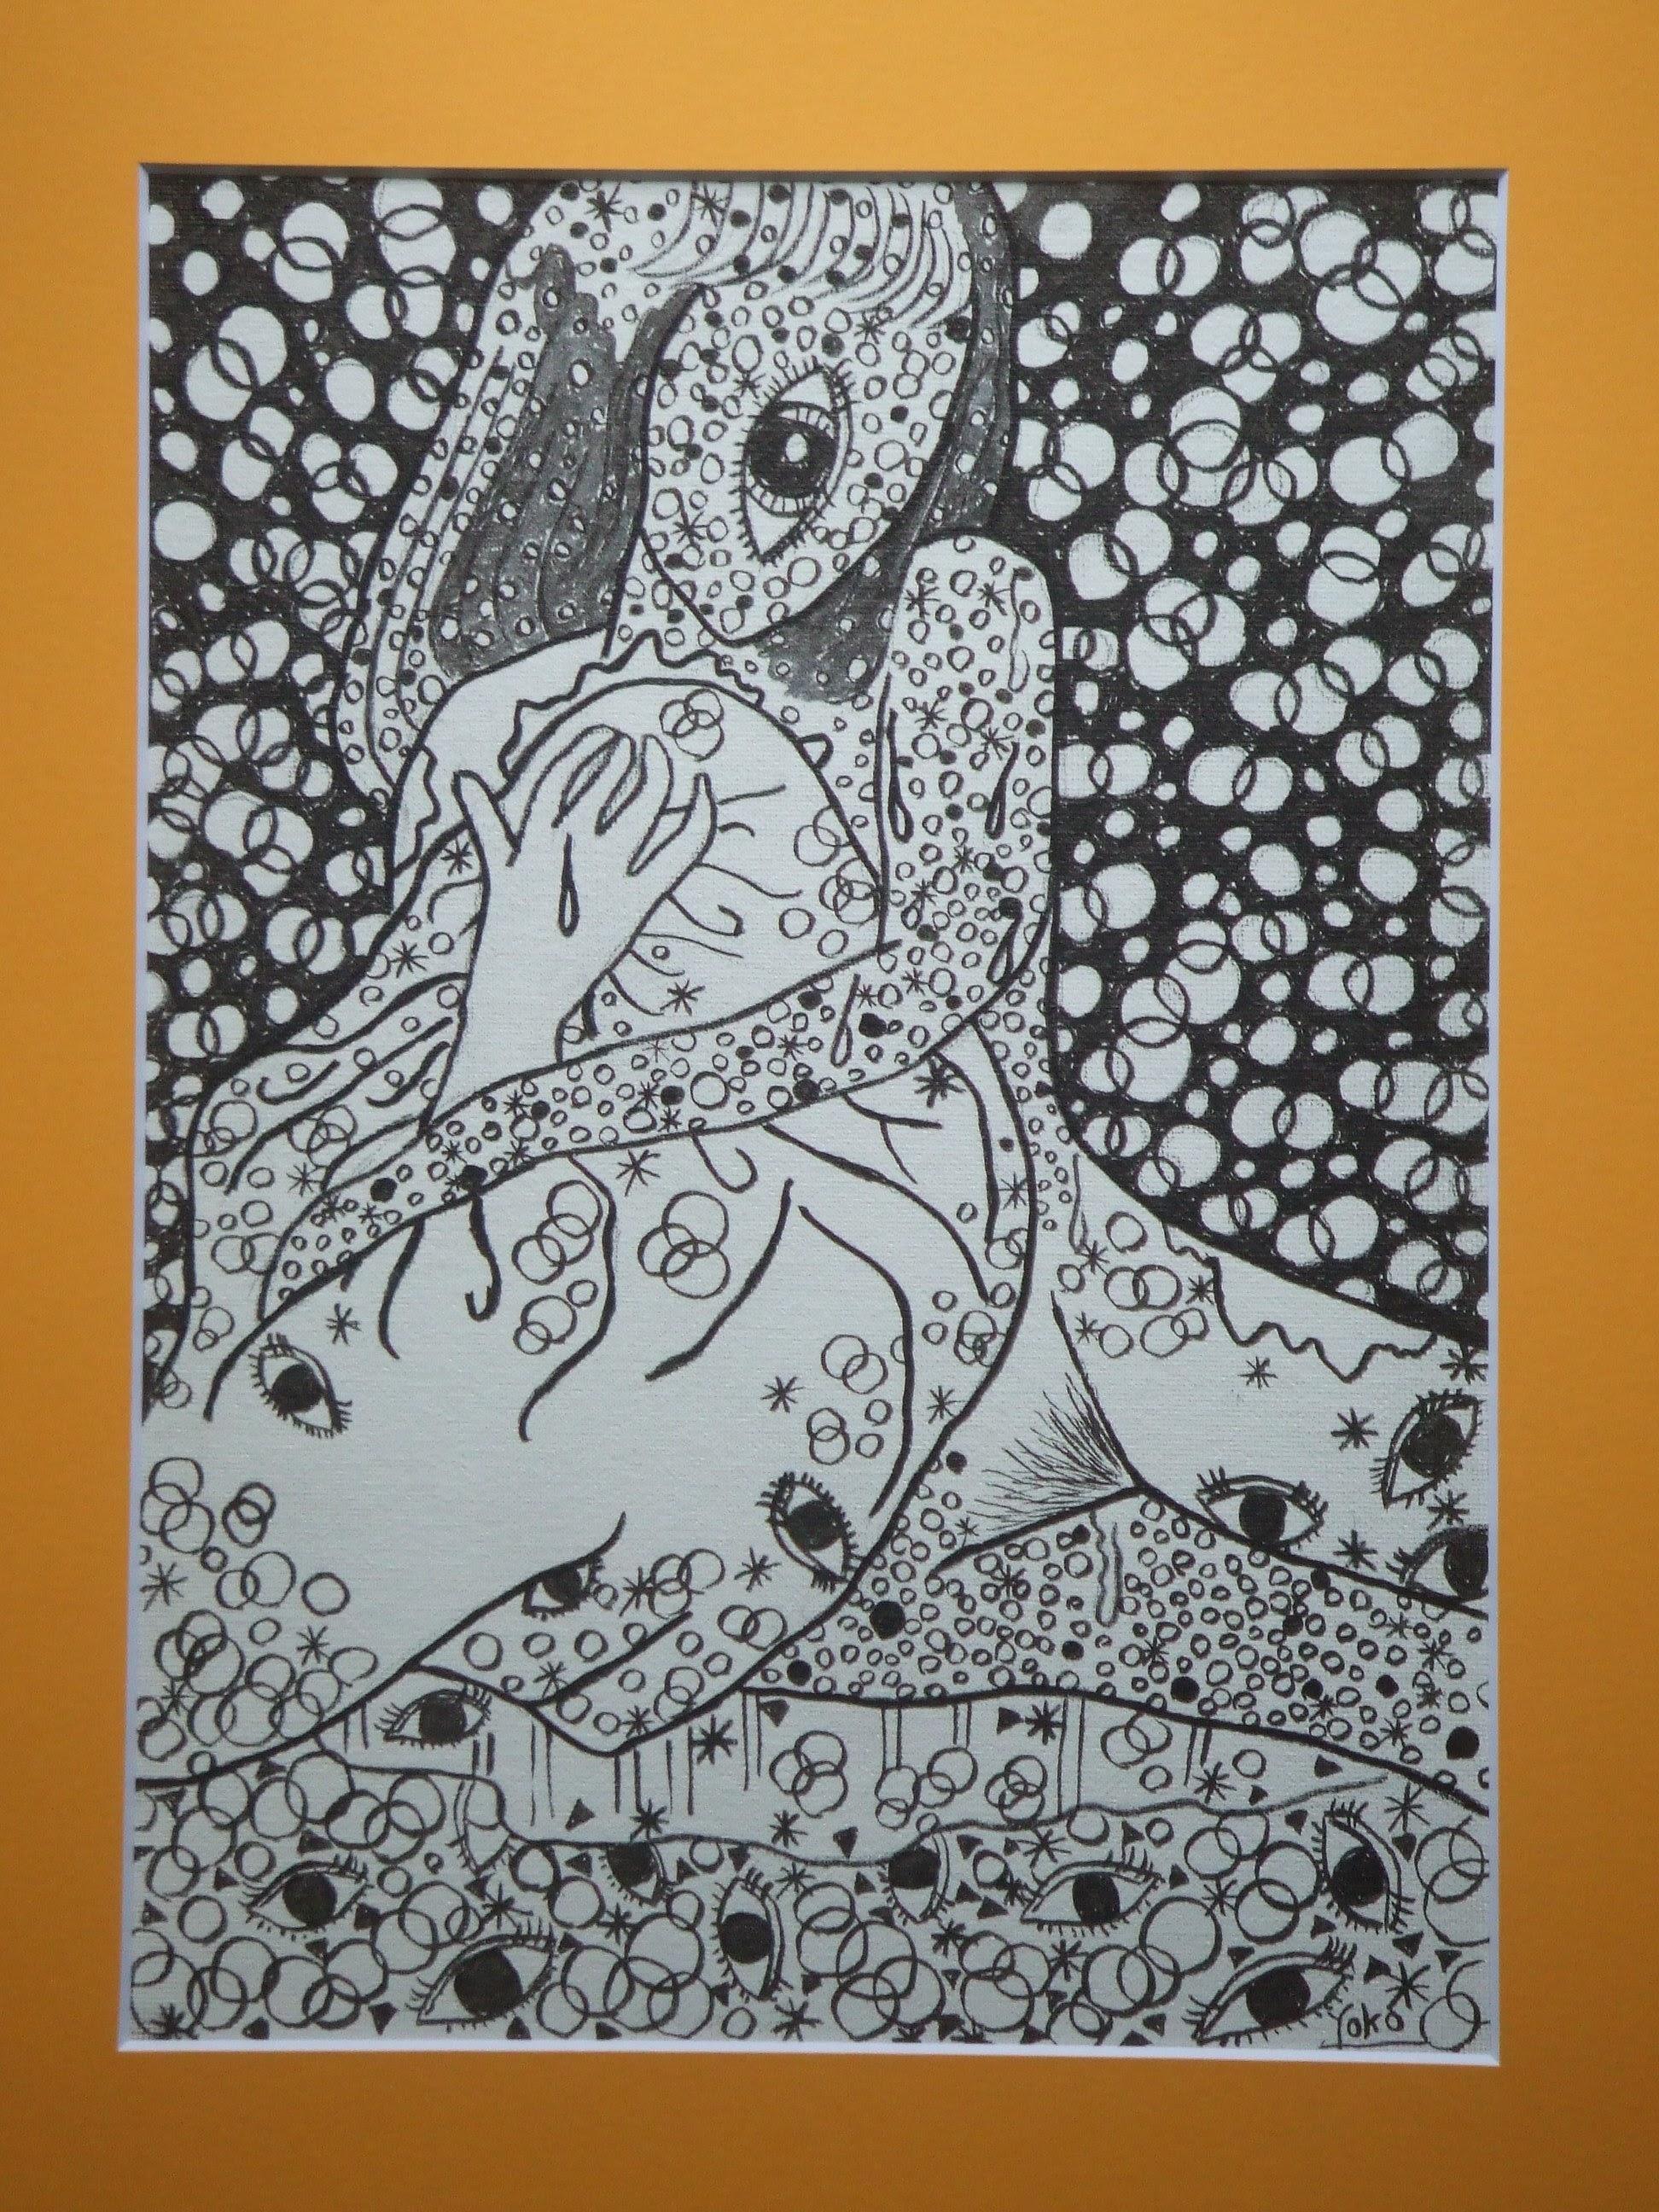 [靴下を織る音はもう聞こえません] - 伊藤 洋子の美術